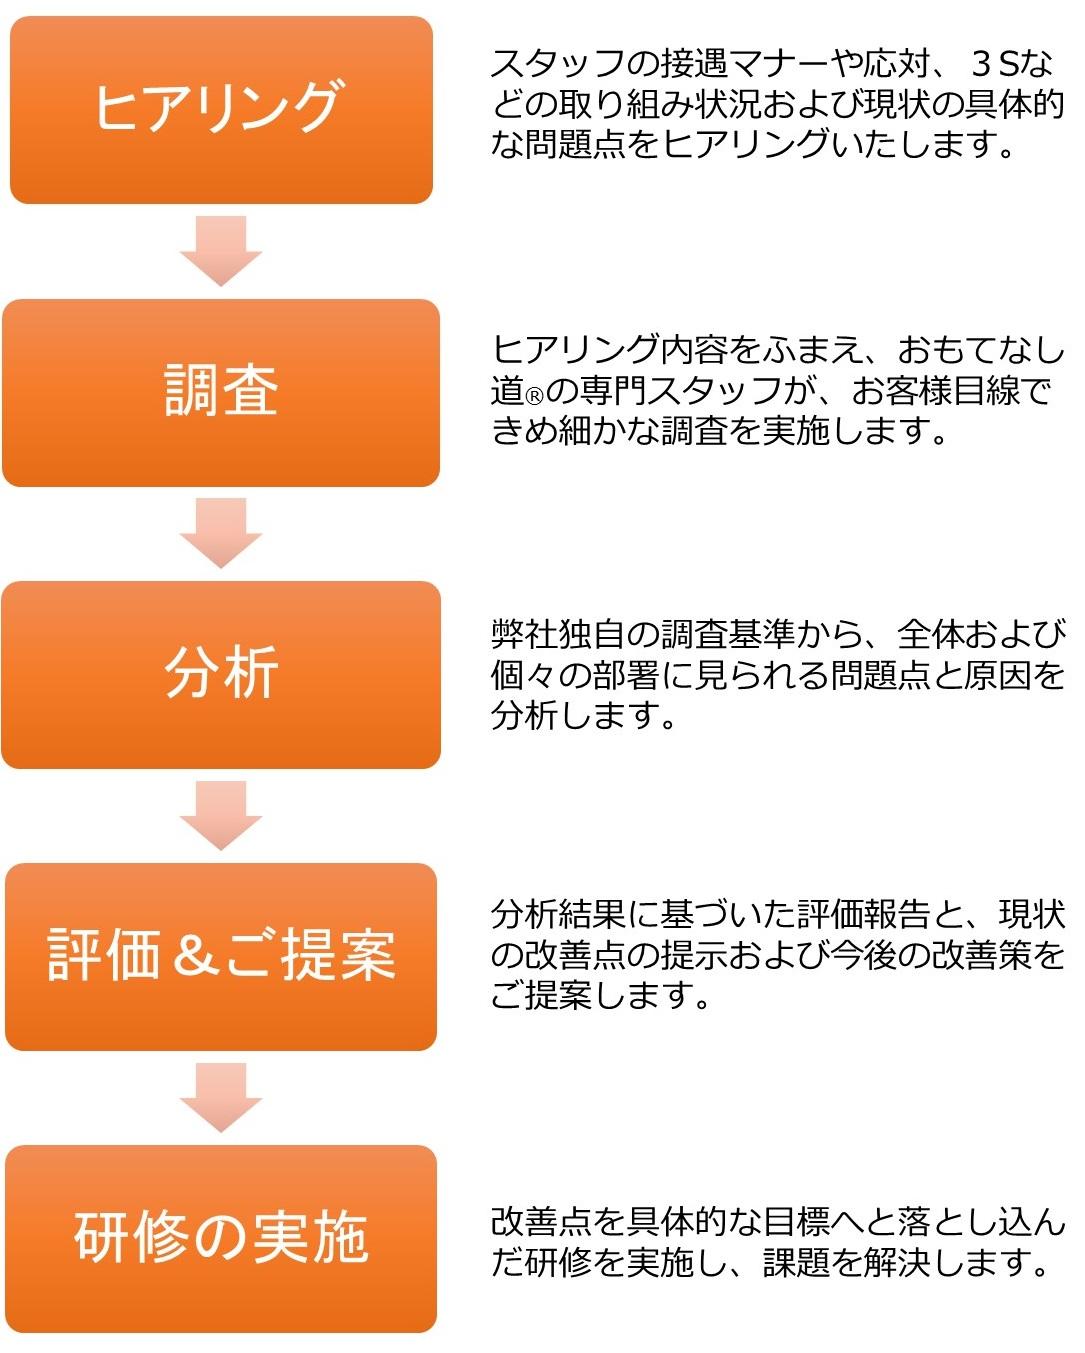 覆面調査フロー図